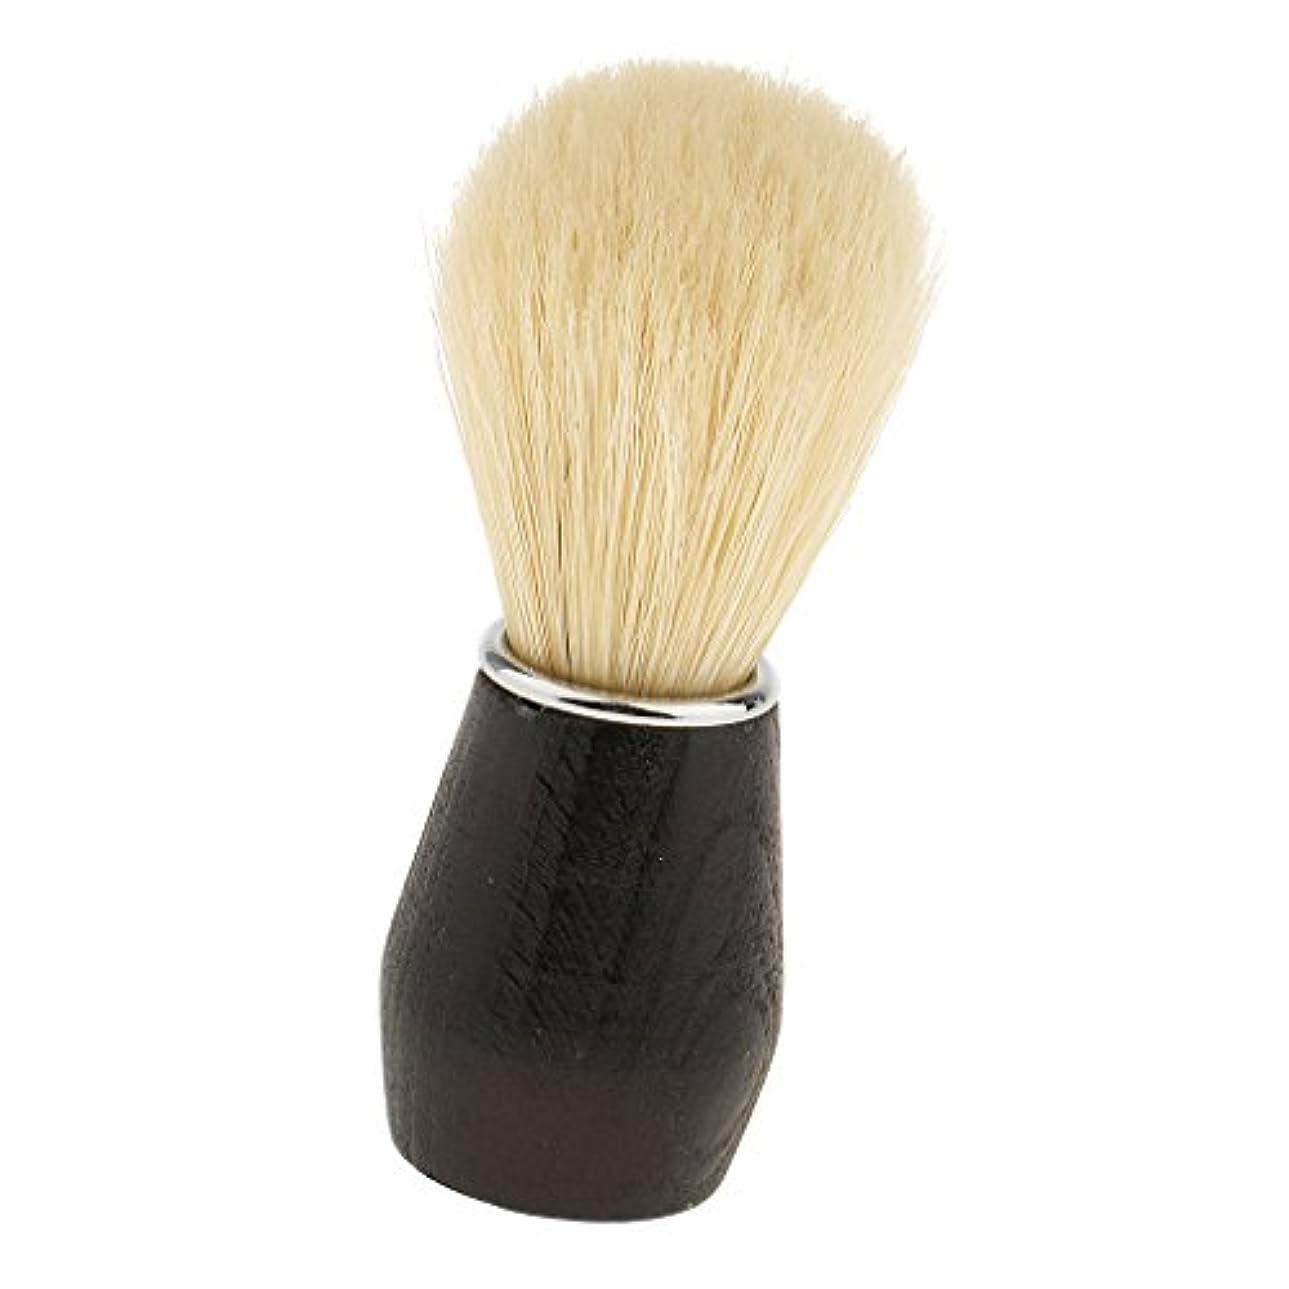 アスリートヨーグルト衣類sharprepublic シェービングブラシ ヘアシェービングブラシ 毛髭ブラシ 髭剃り 泡立ち メンズ ソフト 父のギフト